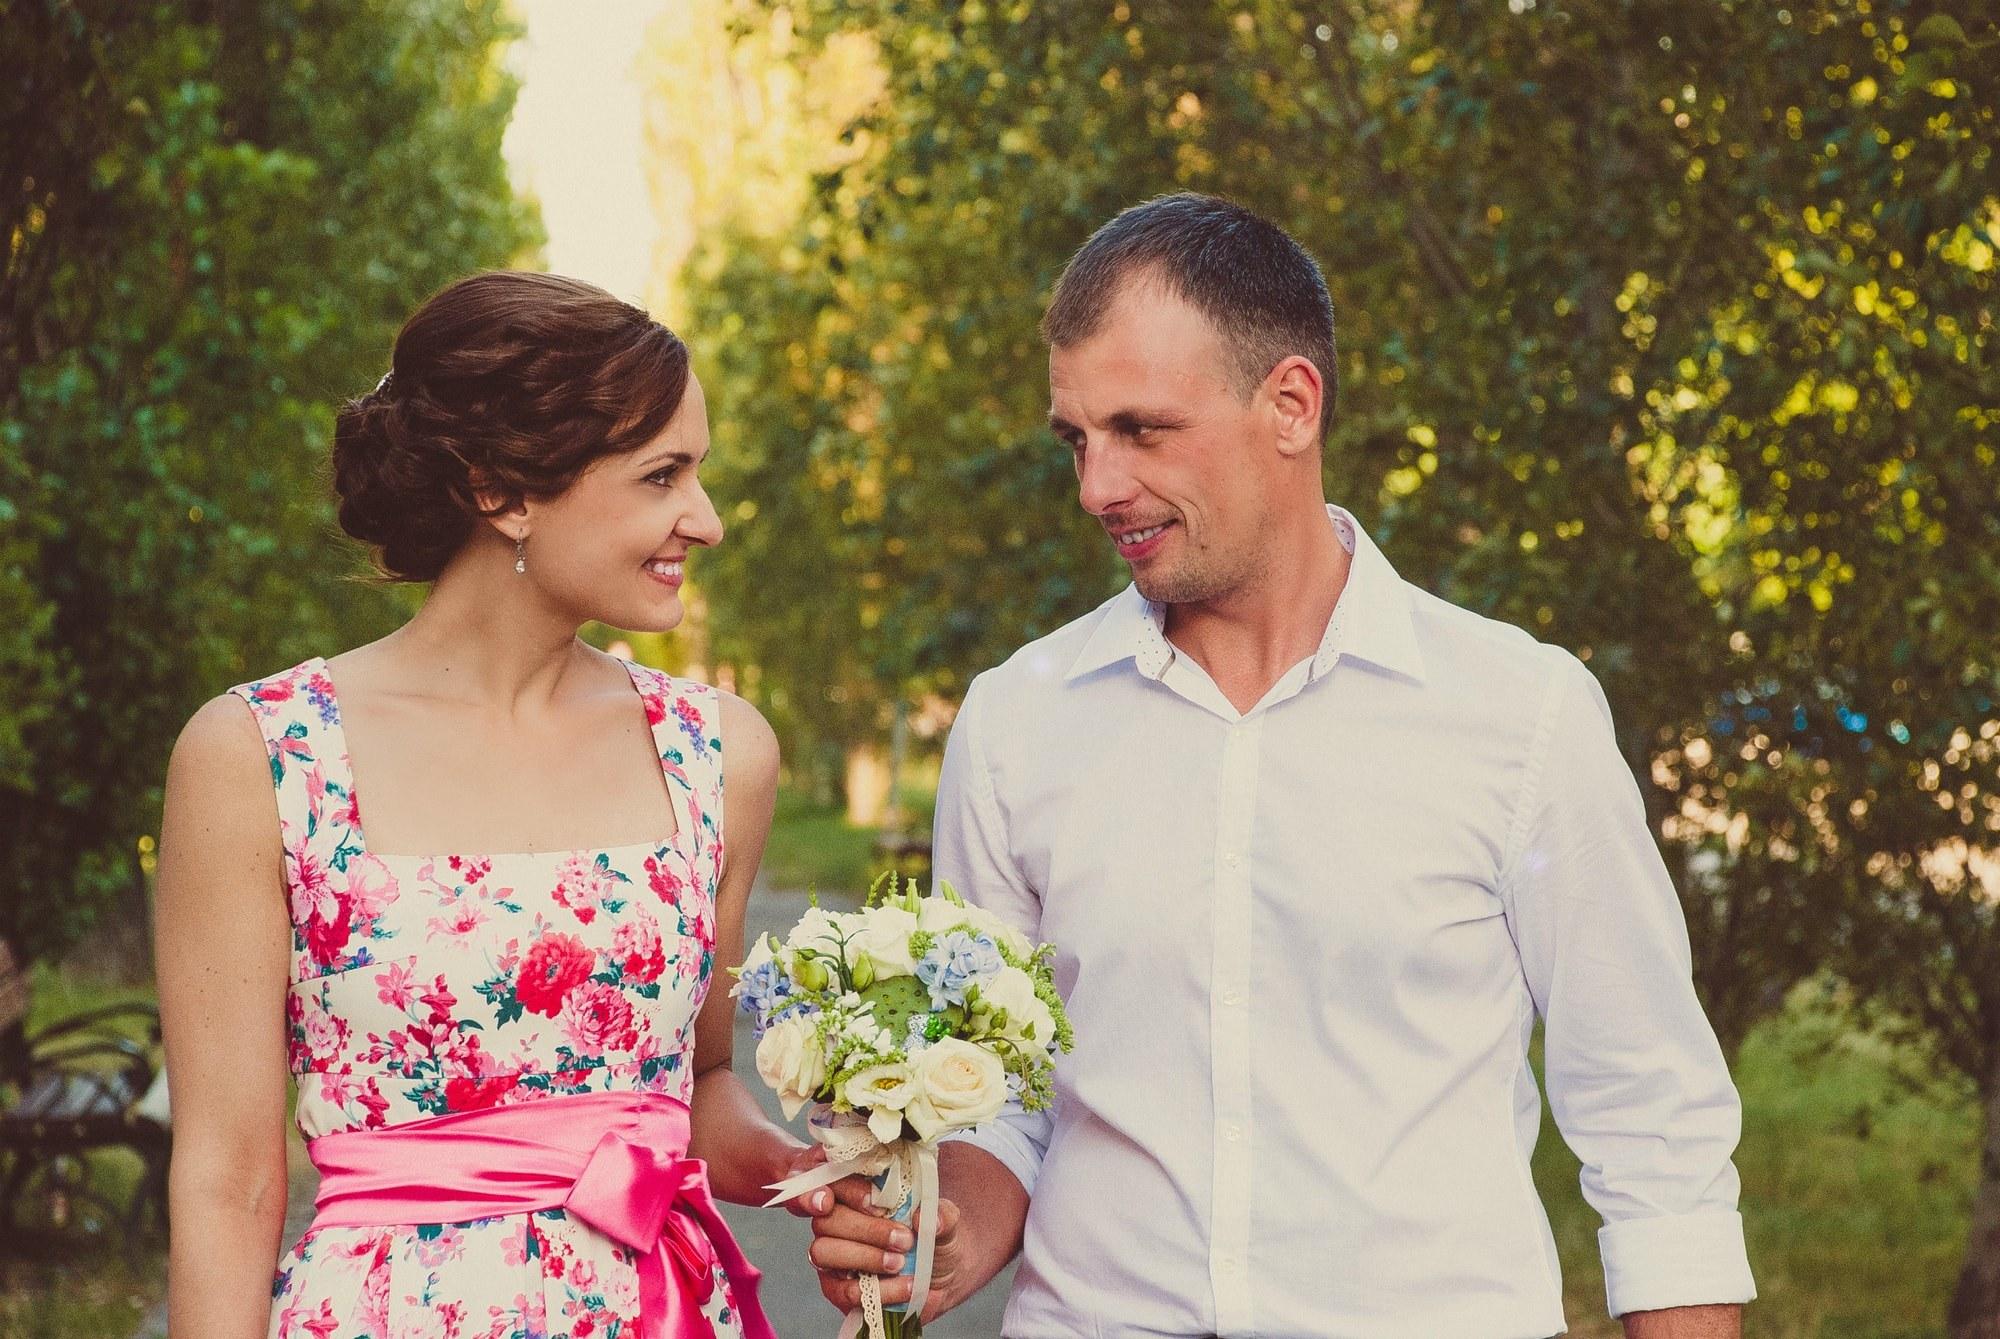 Жених соблазняет невесту взглядом - Фотограф Киев - Женя Лайт